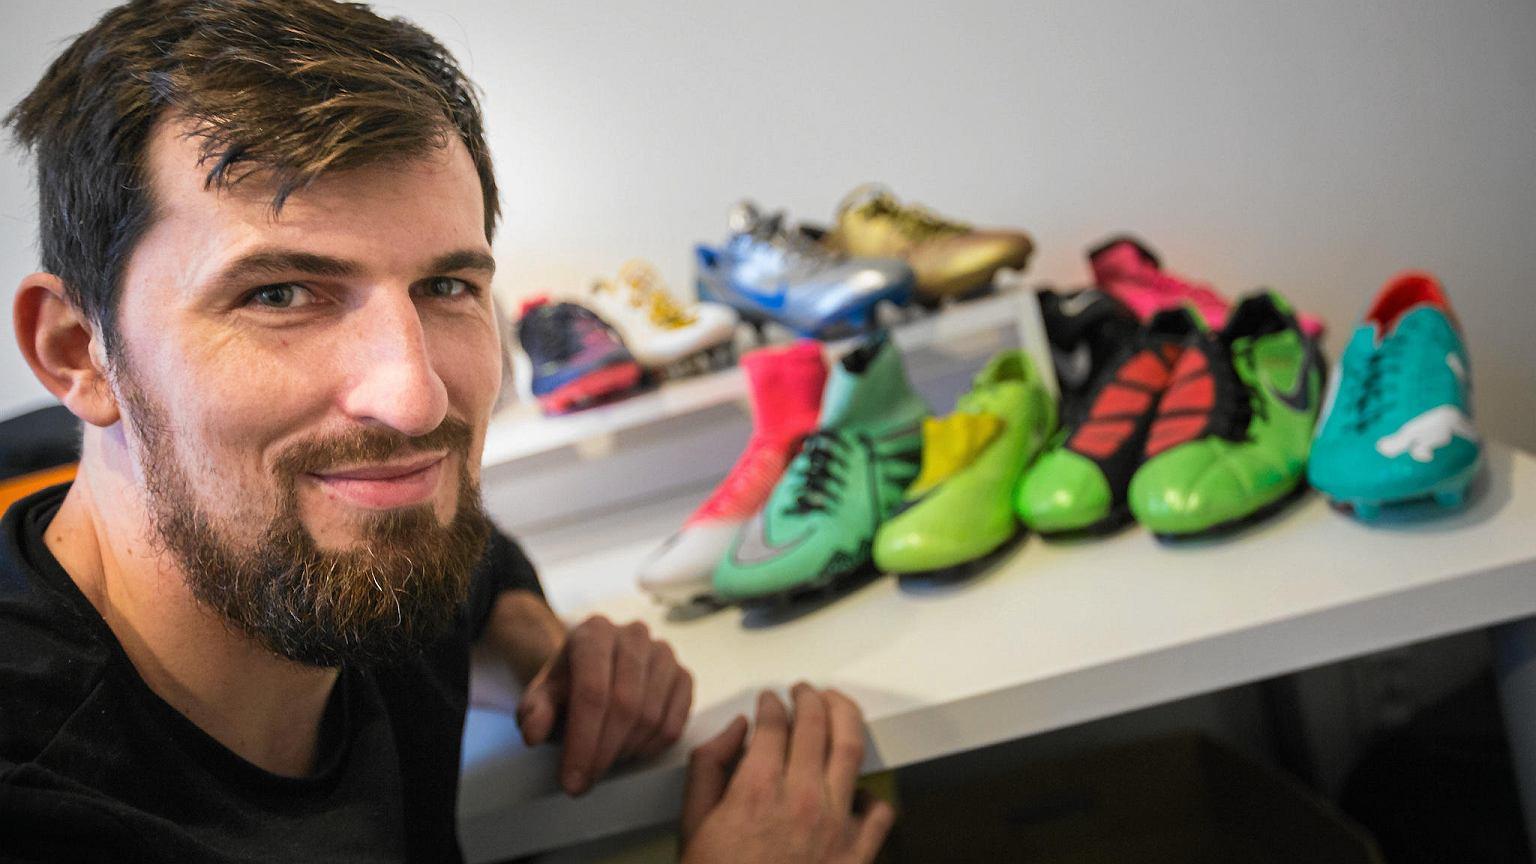 c260bd4142755 Stworzył największą giełdę butów piłkarskich w Polsce. Sam ma ich ponad  300. Jak działa